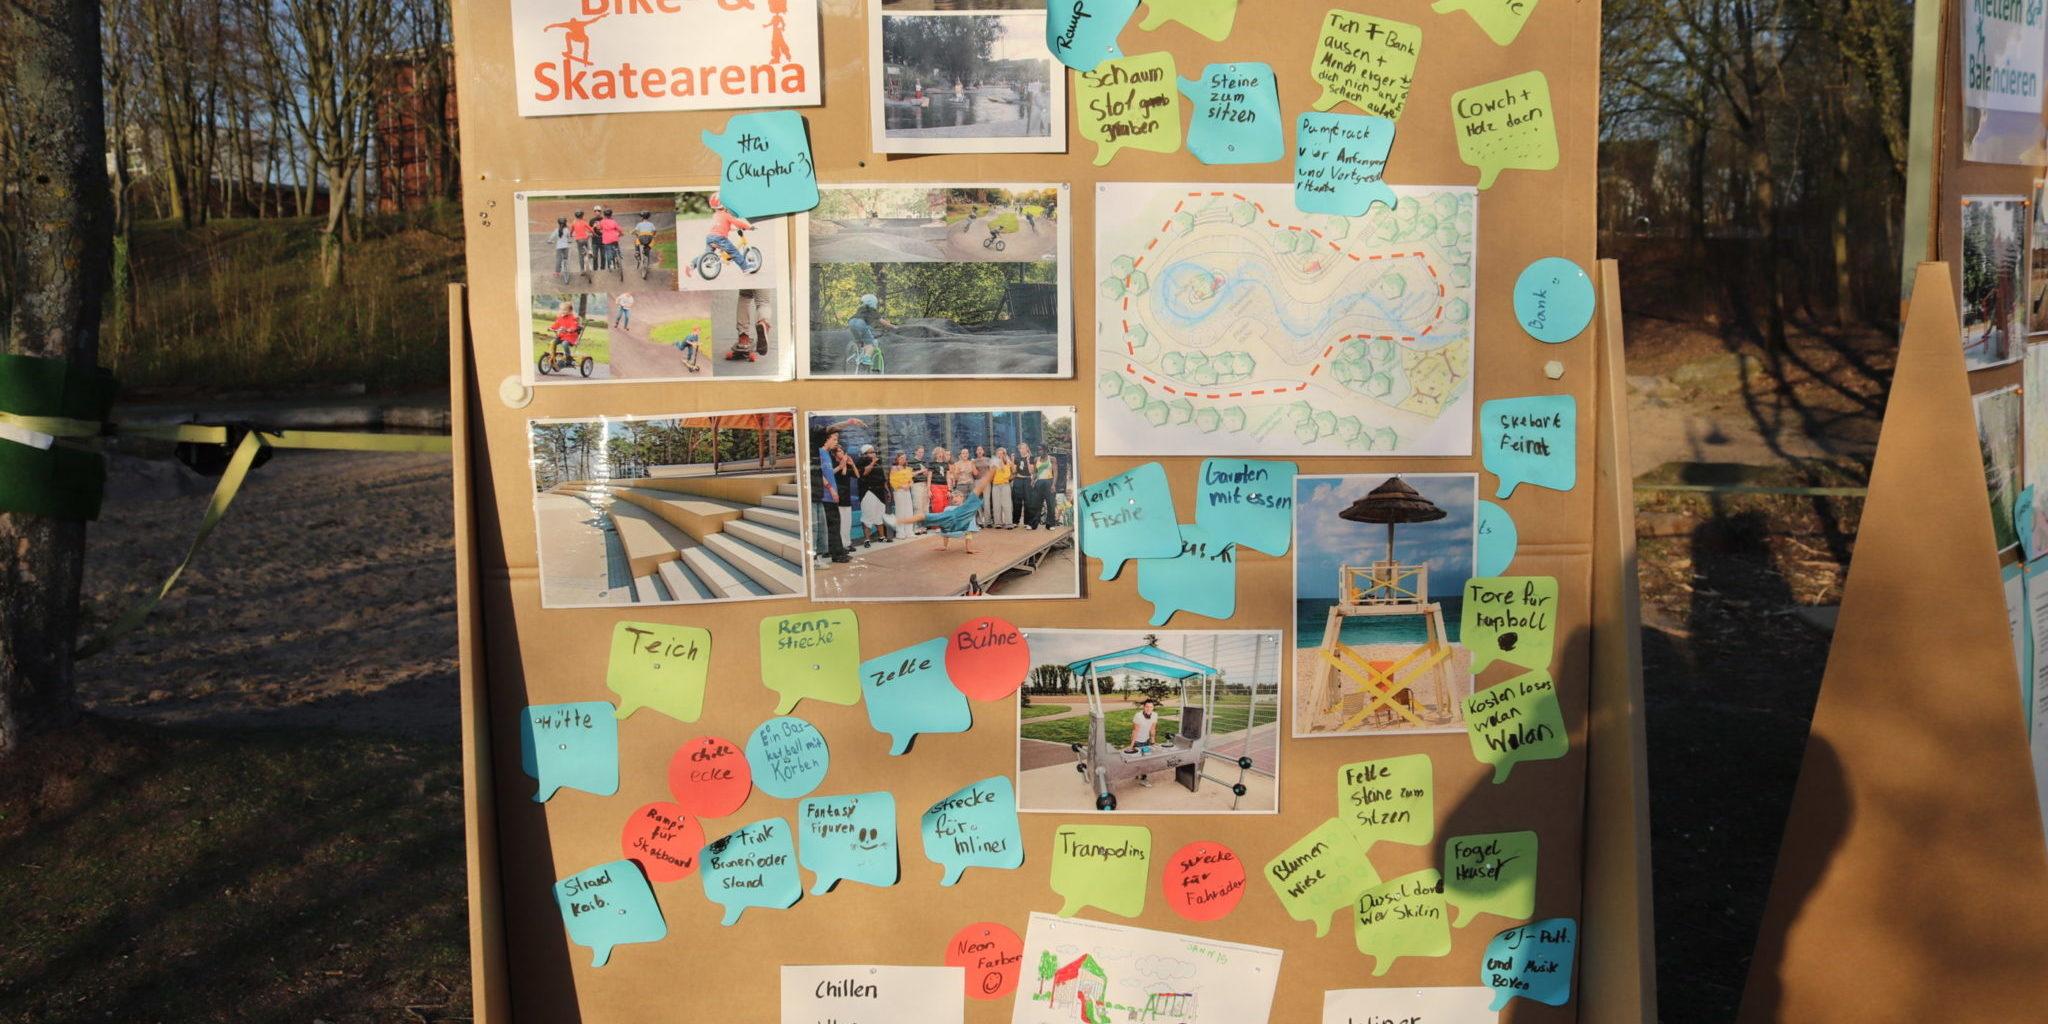 Pinnwand mit vielen Ideen für den neuen Spielplatz